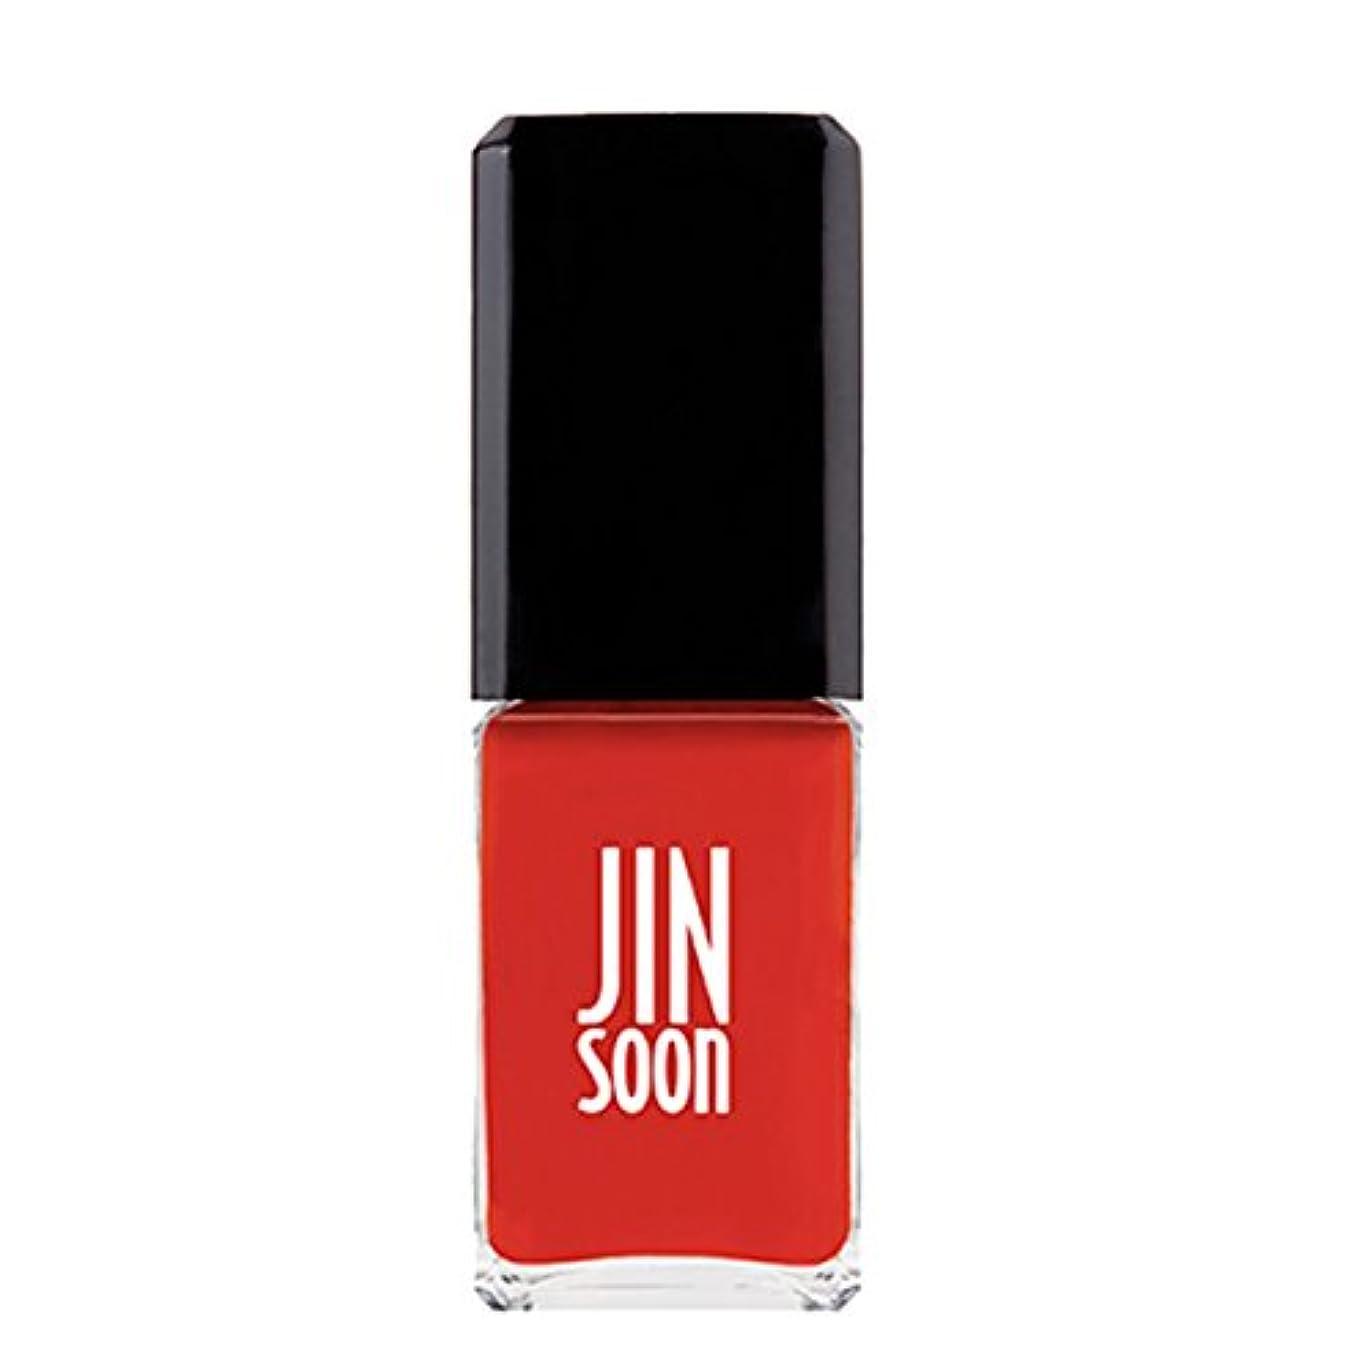 [ジンスーン] [ jinsoon] ポップ?オレンジ(ホットオレンジ) POP ORANGE ジンスーン 5フリー ネイルポリッシュ【オレンジ】 11mL